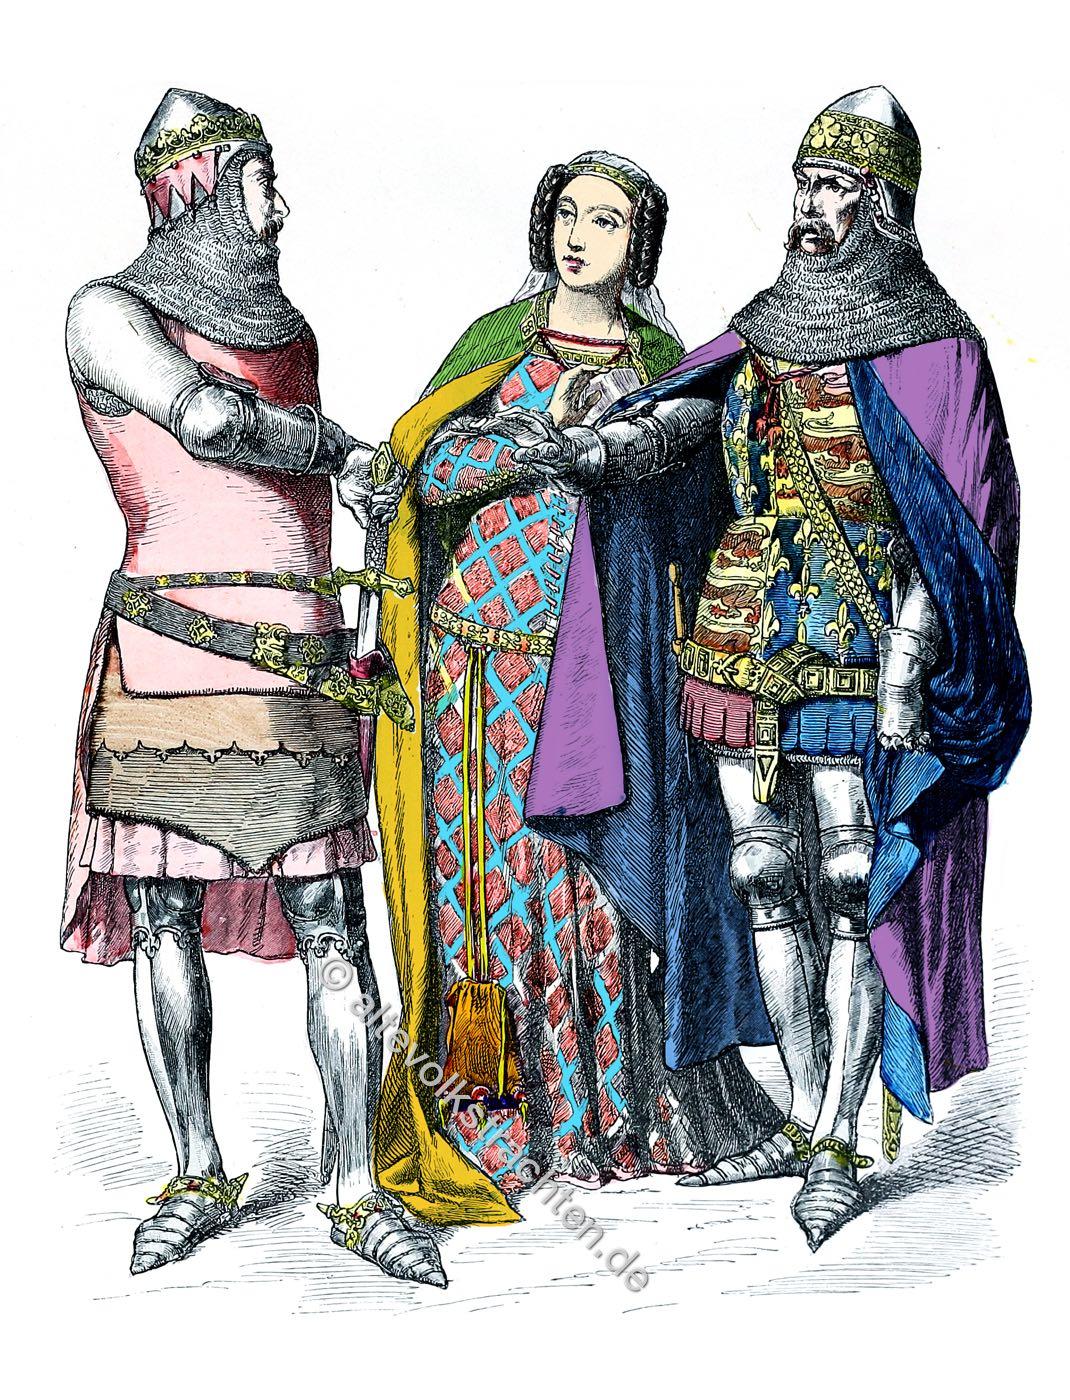 Münchener Bilderbogen, Ritter, Adelige Dame, Mode, England, Mittelalter,